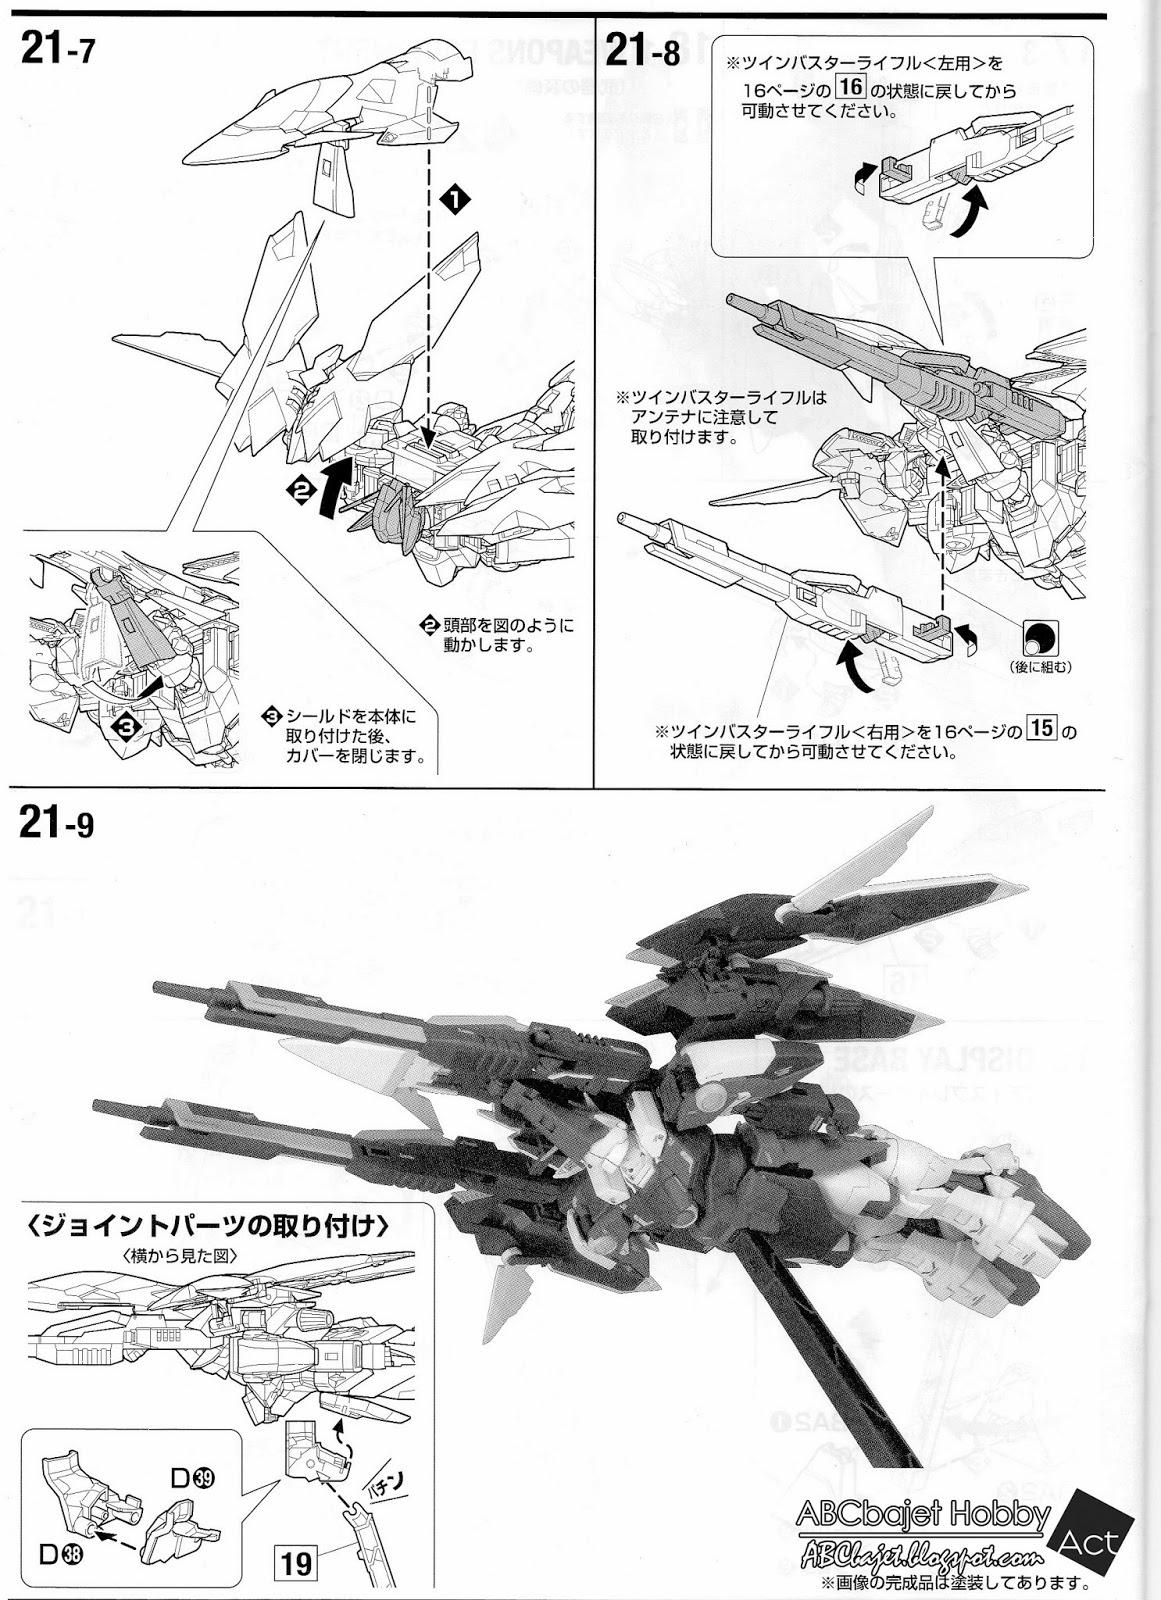 ABCbajet Hobby: WIP Part 2: Bandai MG 1/100 Wing Gundam